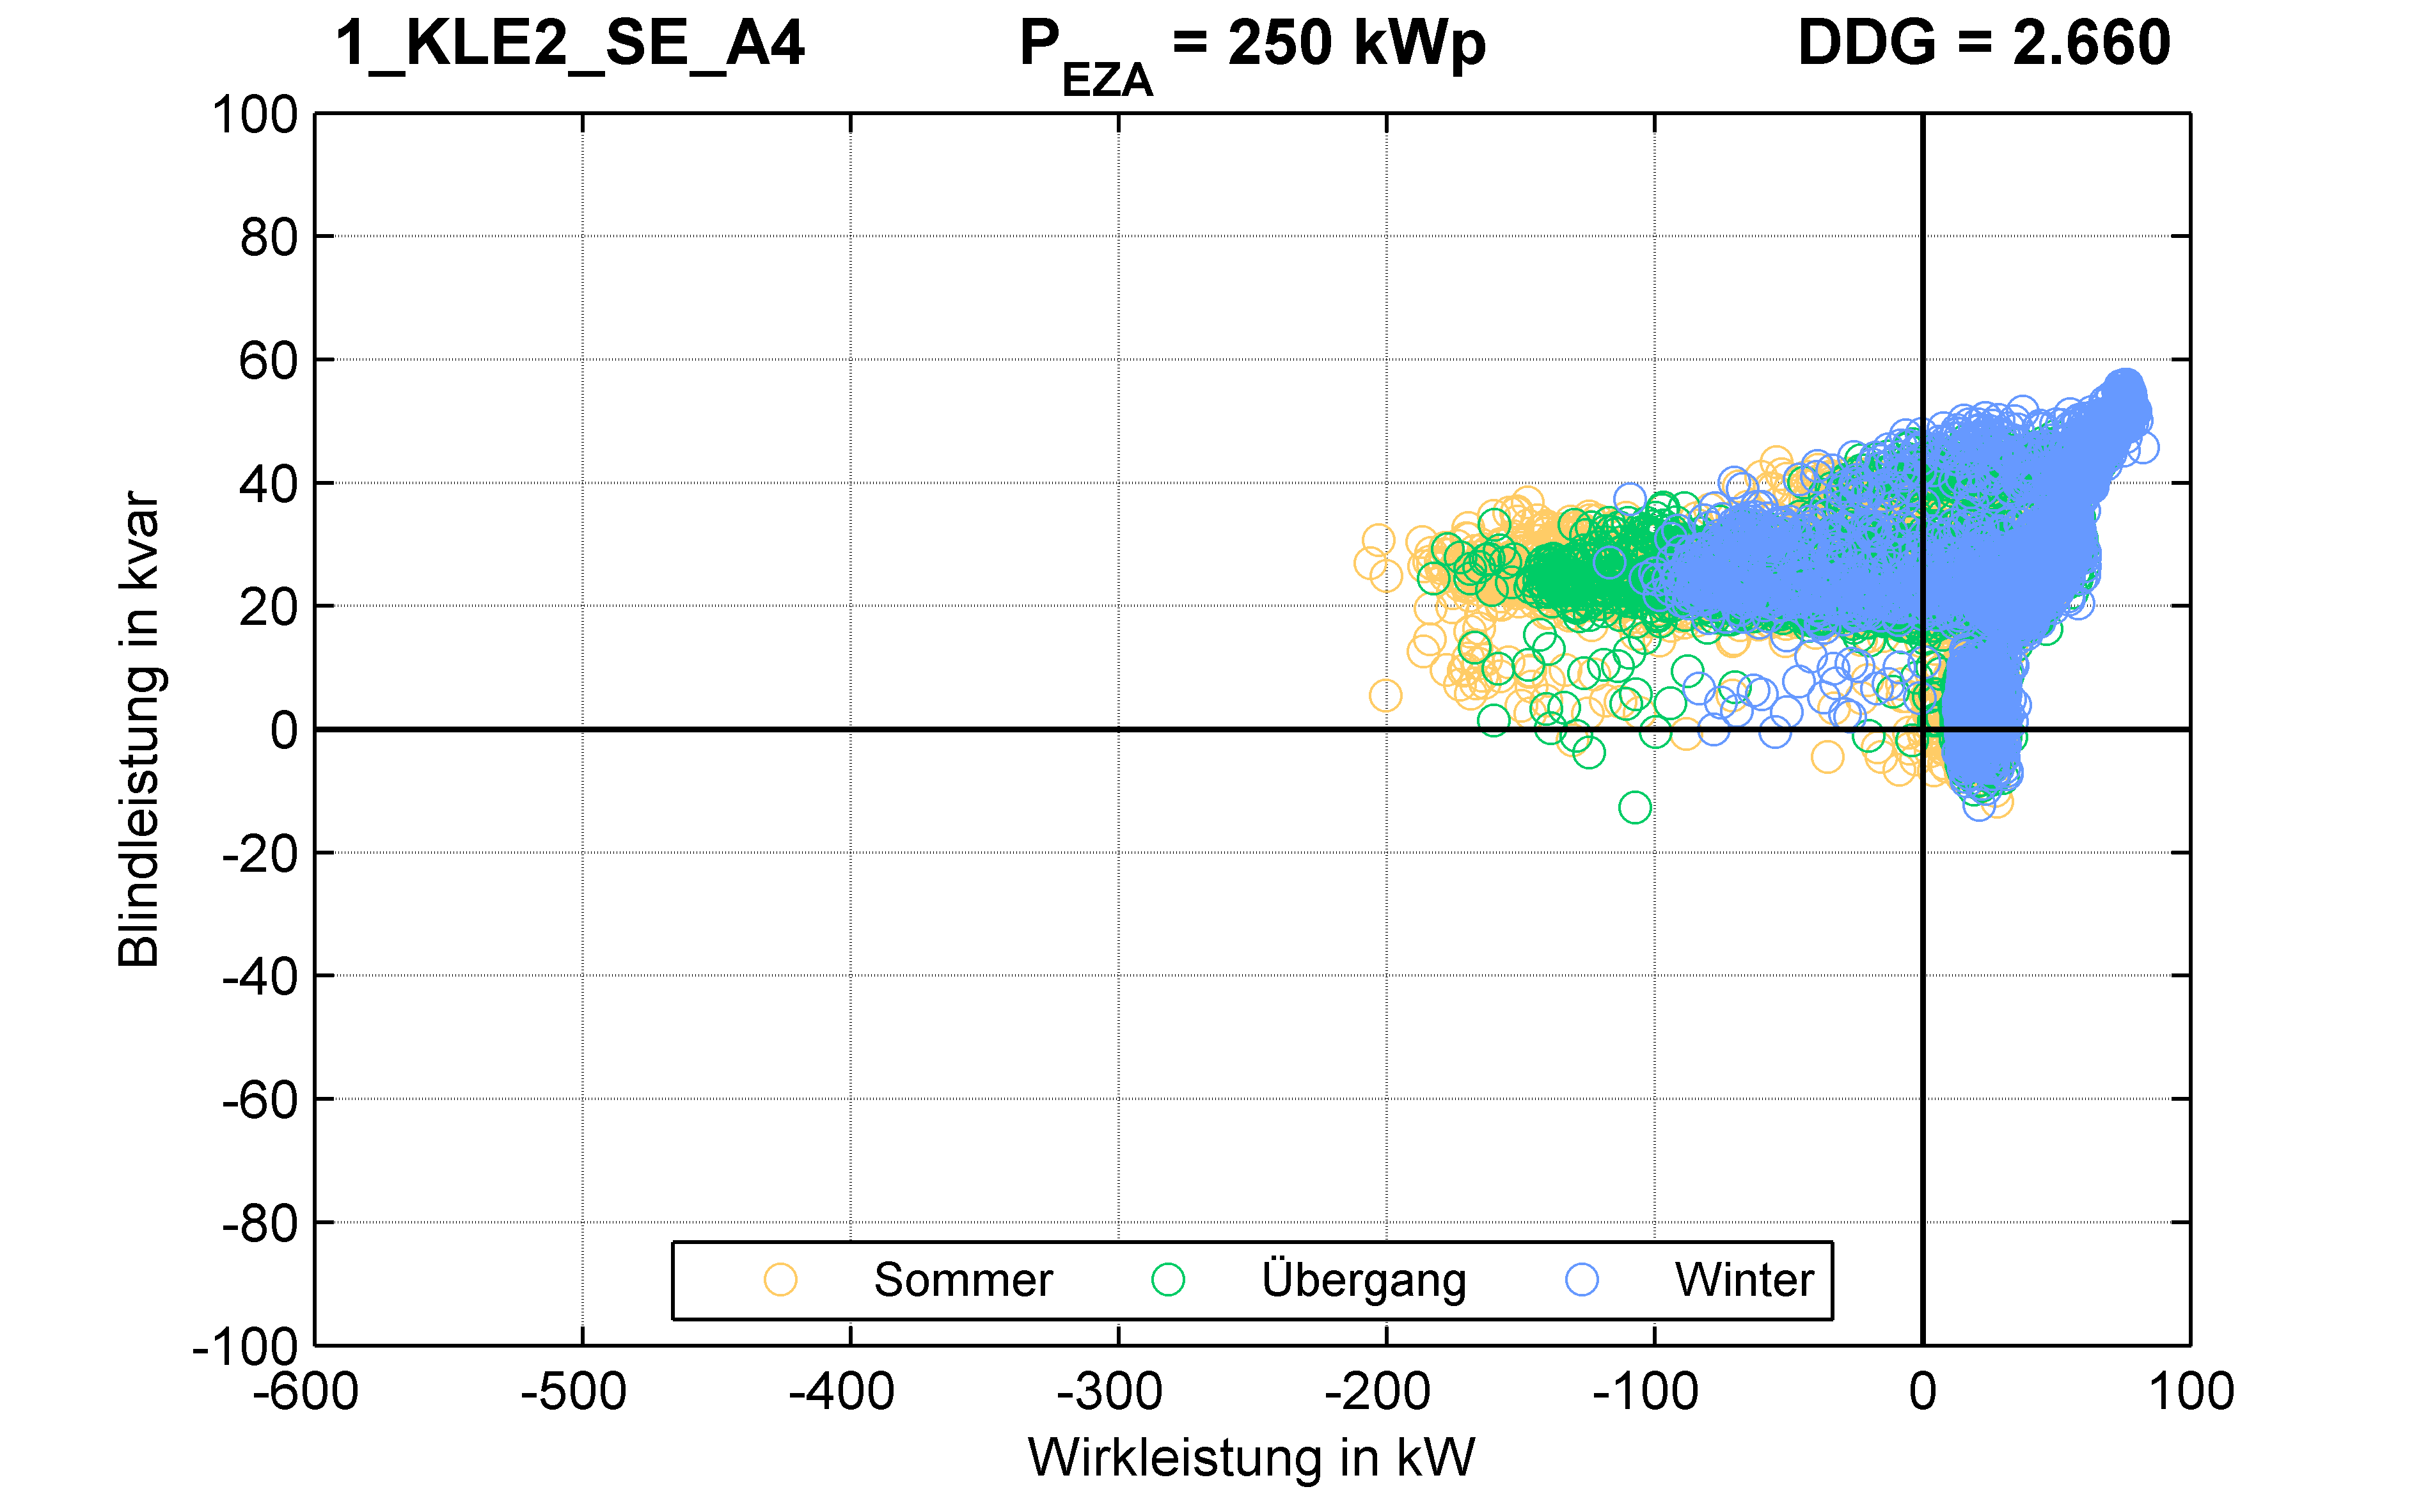 KLE2 | KABEL (SE) A4 | PQ-Verhalten